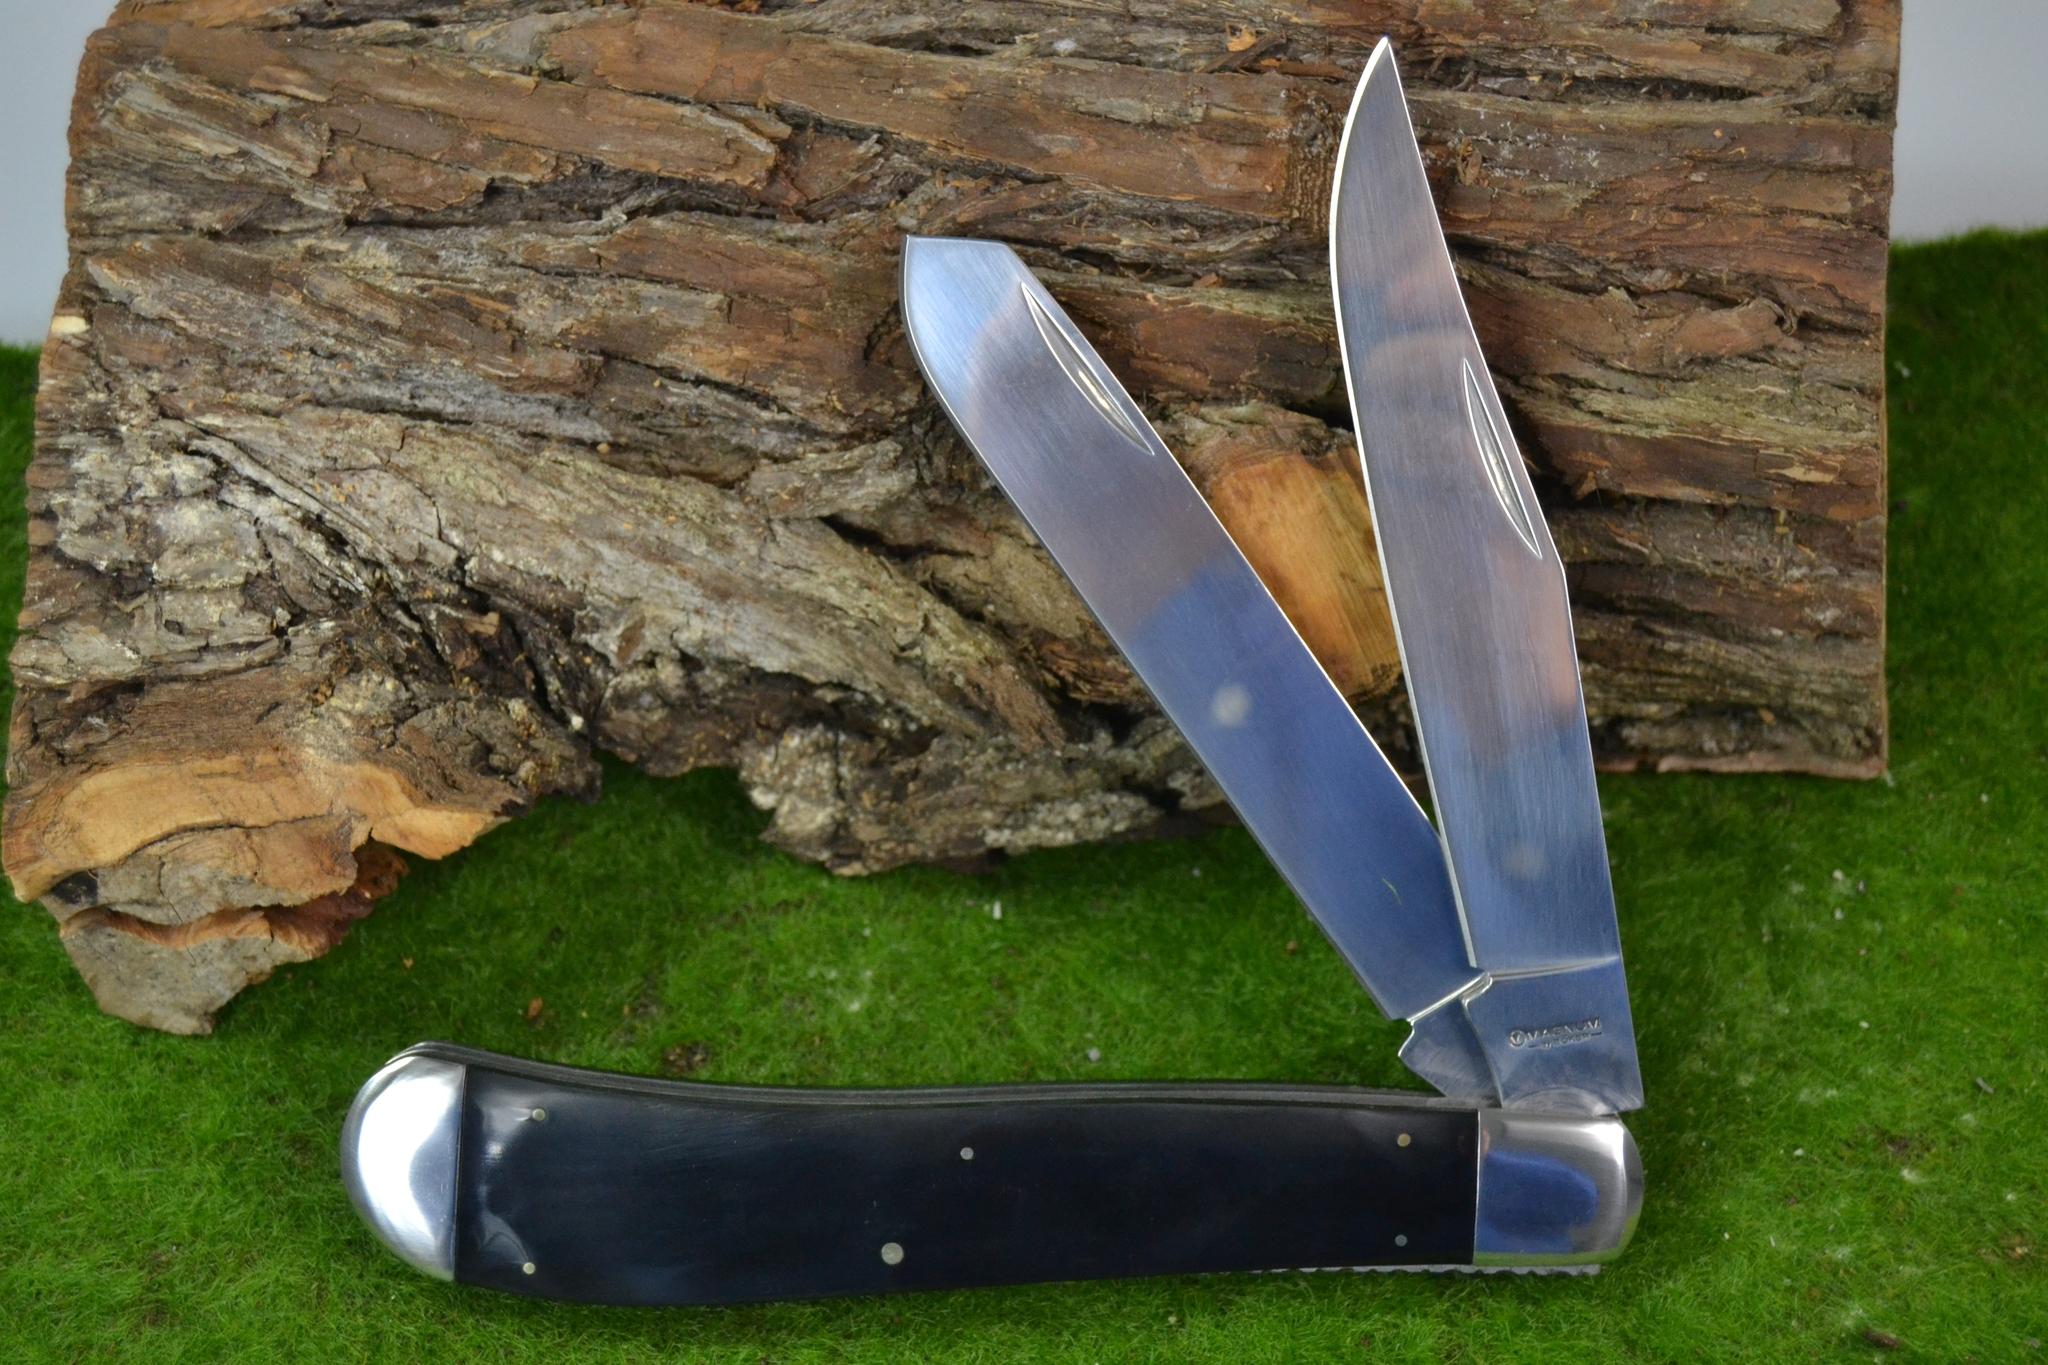 Фото 5 - Нож складной большого размера с 2-мя лезвиями Magnum Majestic - Boker 01LL2076, сталь 440A Satin, рукоять ABS-пластик, чёрный